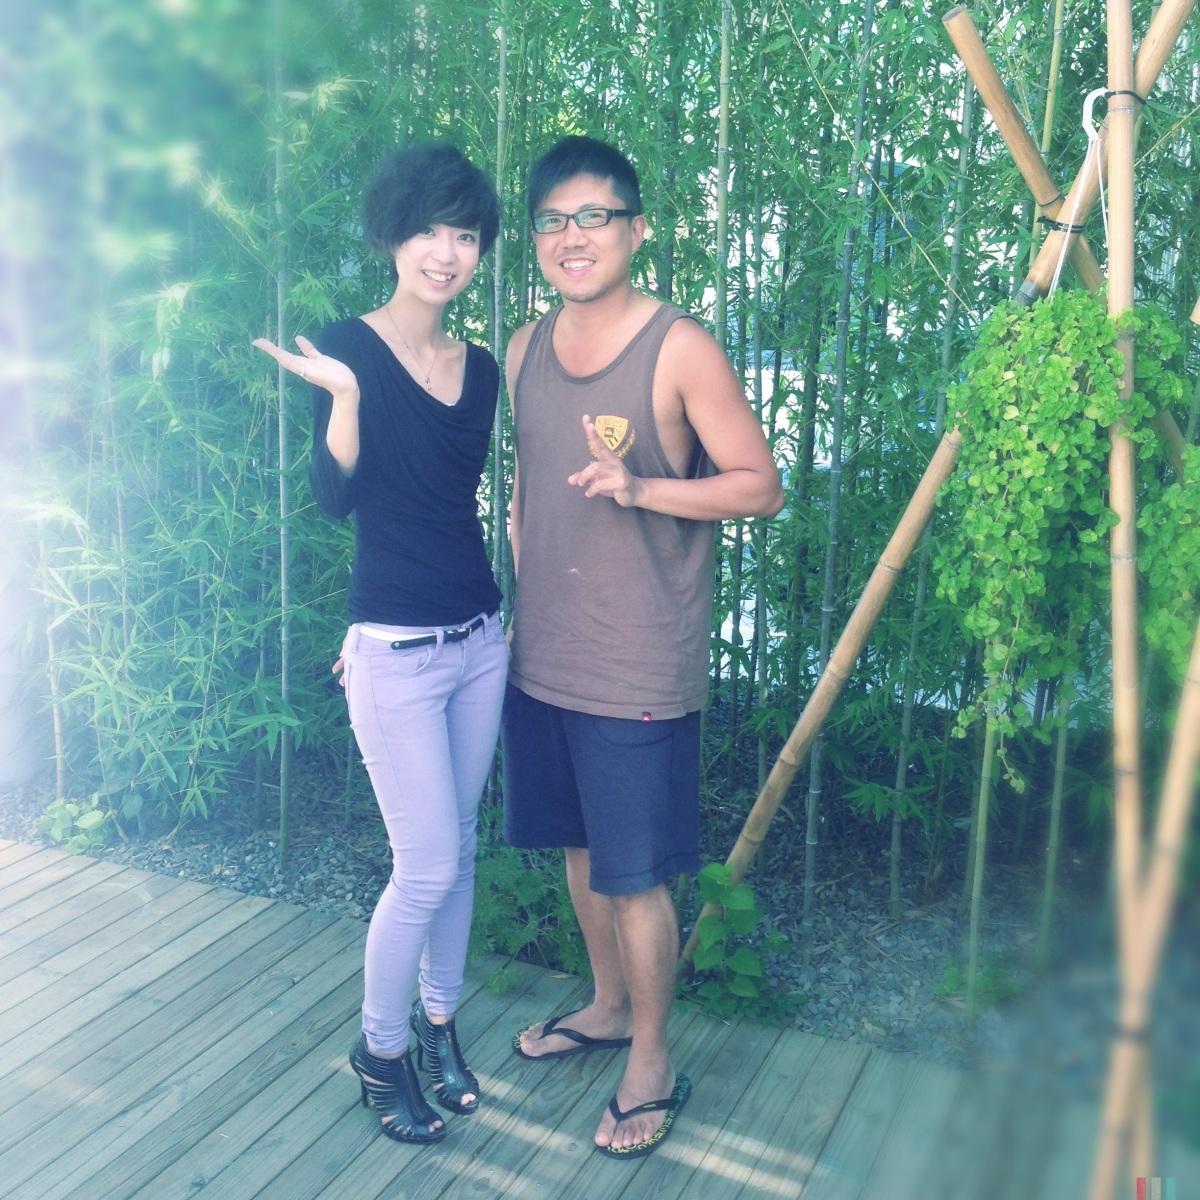 民宿與藝術空間的結合 - 八又二分之一,台南市 6